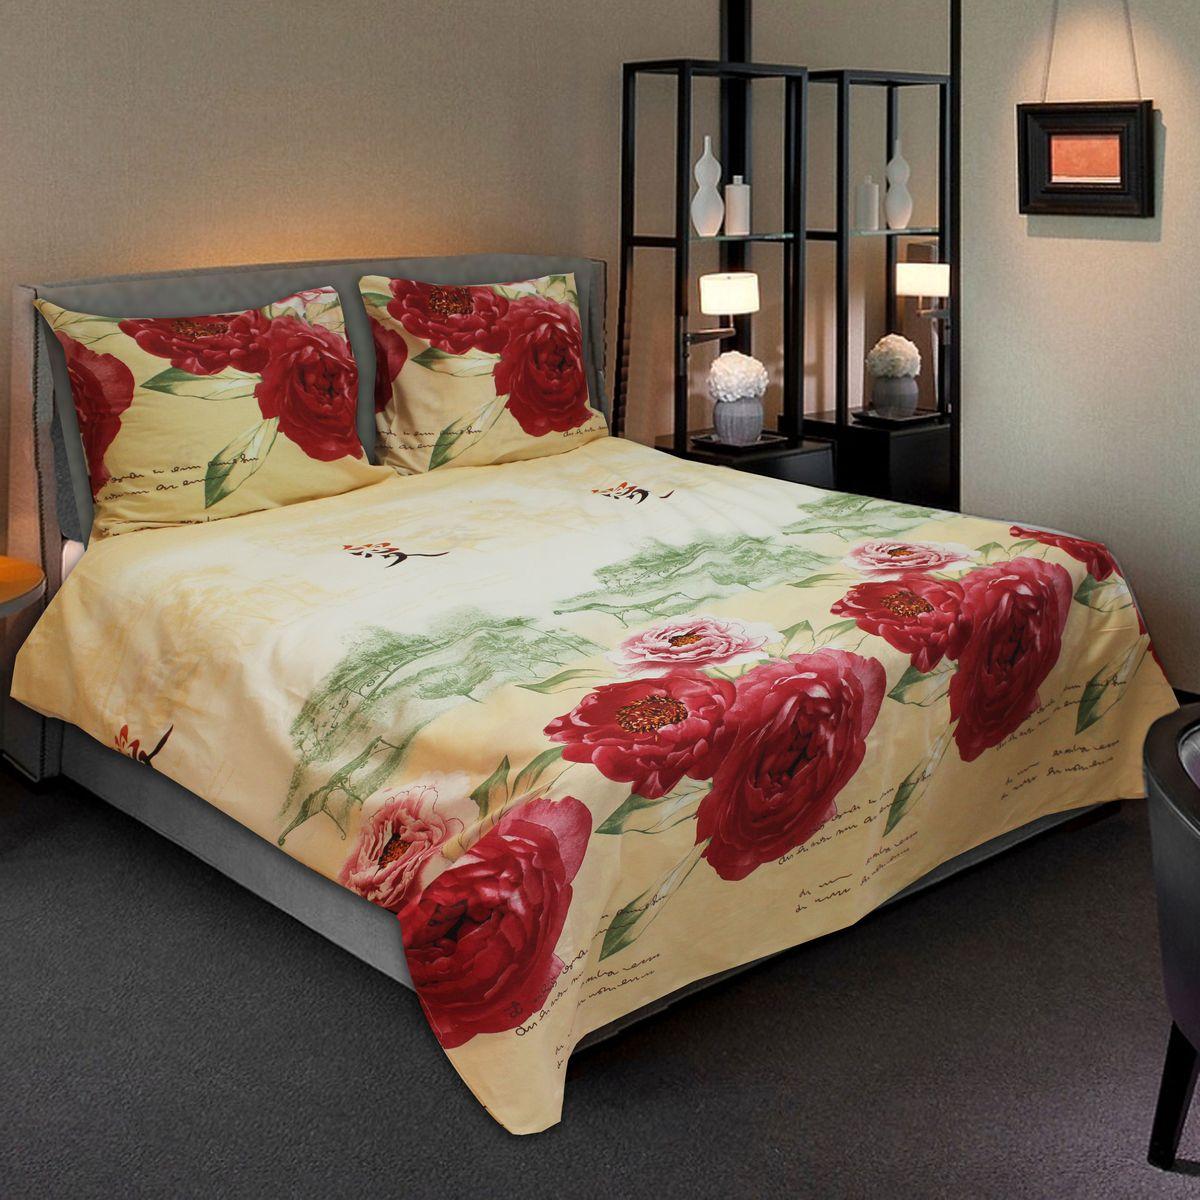 Комплект белья Amore Mio Mademoiselle, 1,5-спальный, наволочки 70х7077698Комплект постельного белья Amore Mio является экологически безопасным для всей семьи, так как выполнен из бязи (100% хлопок). Комплект состоит из двух пододеяльников, простыни и двух наволочек. Постельное белье оформлено оригинальным рисунком и имеет изысканный внешний вид. Легкая, плотная, мягкая ткань отлично стирается, гладится, быстро сохнет. Рекомендации по уходу: Химчистка и отбеливание запрещены. Рекомендуется стирка в прохладной воде при температуре не выше 30°С.